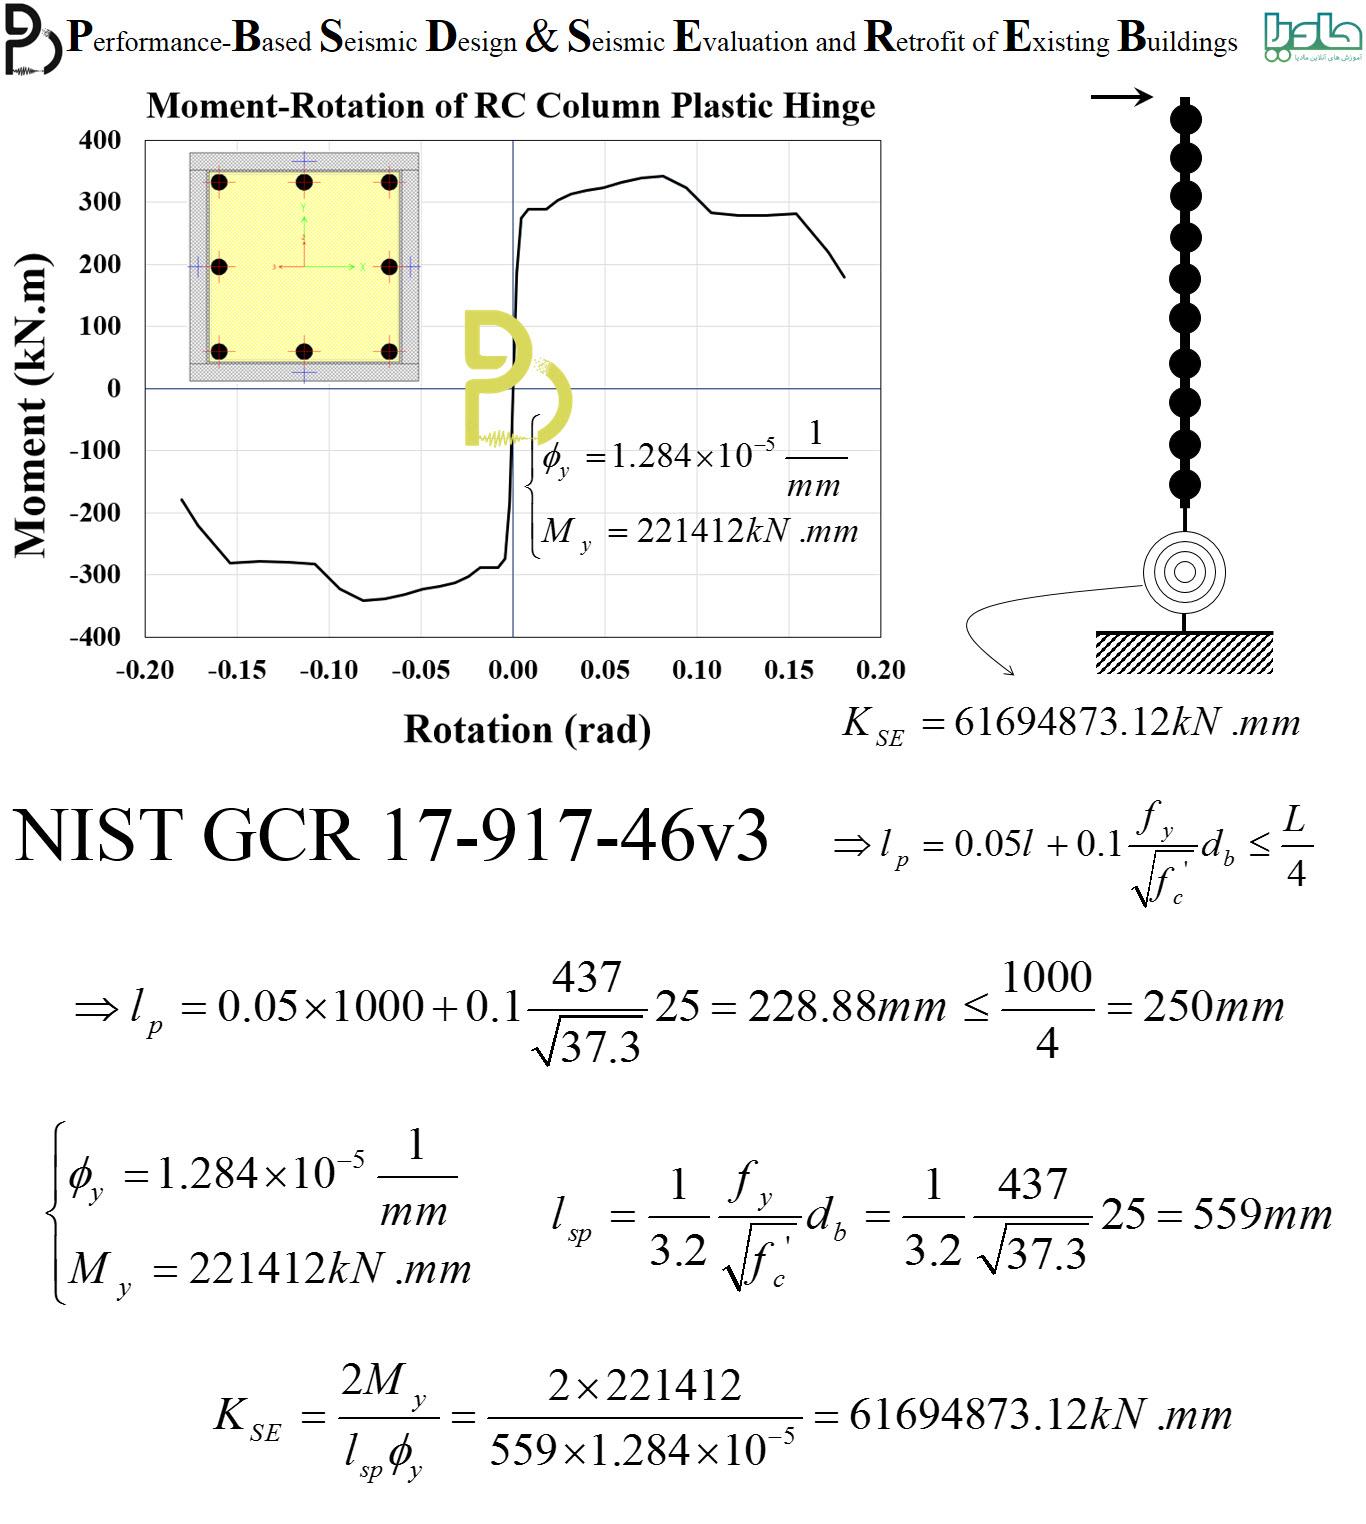 آنالیز ممان-انحنای ستون بتنآرمه در نرمافزار SAP2000 برای محاسبات ضرائب کاهش سختی ستون براساس ضوابط NIST GCR 17-917-46v3